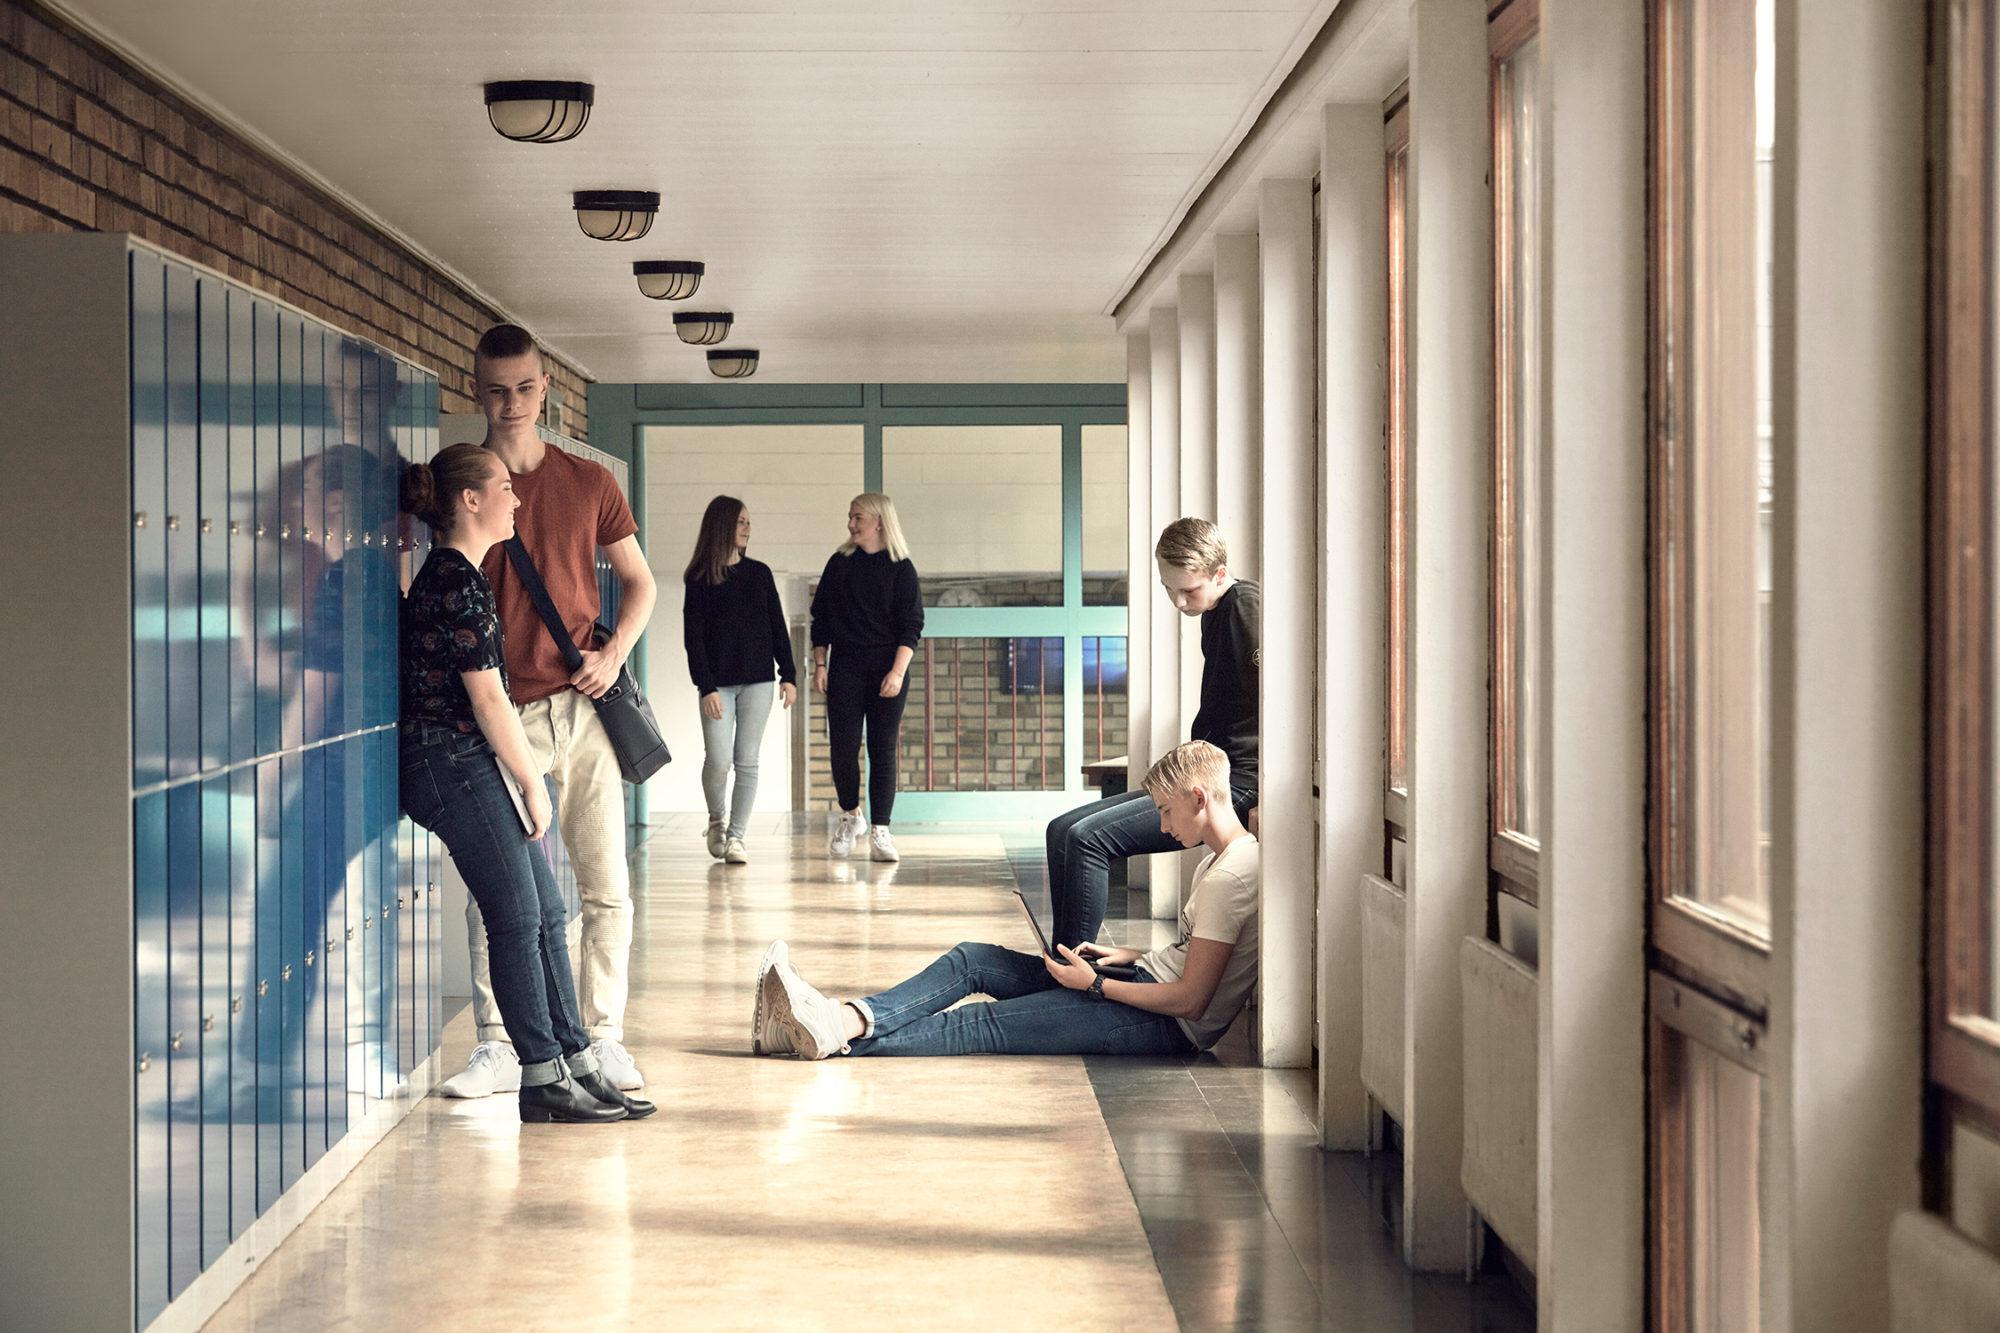 Elever i korridor har rast